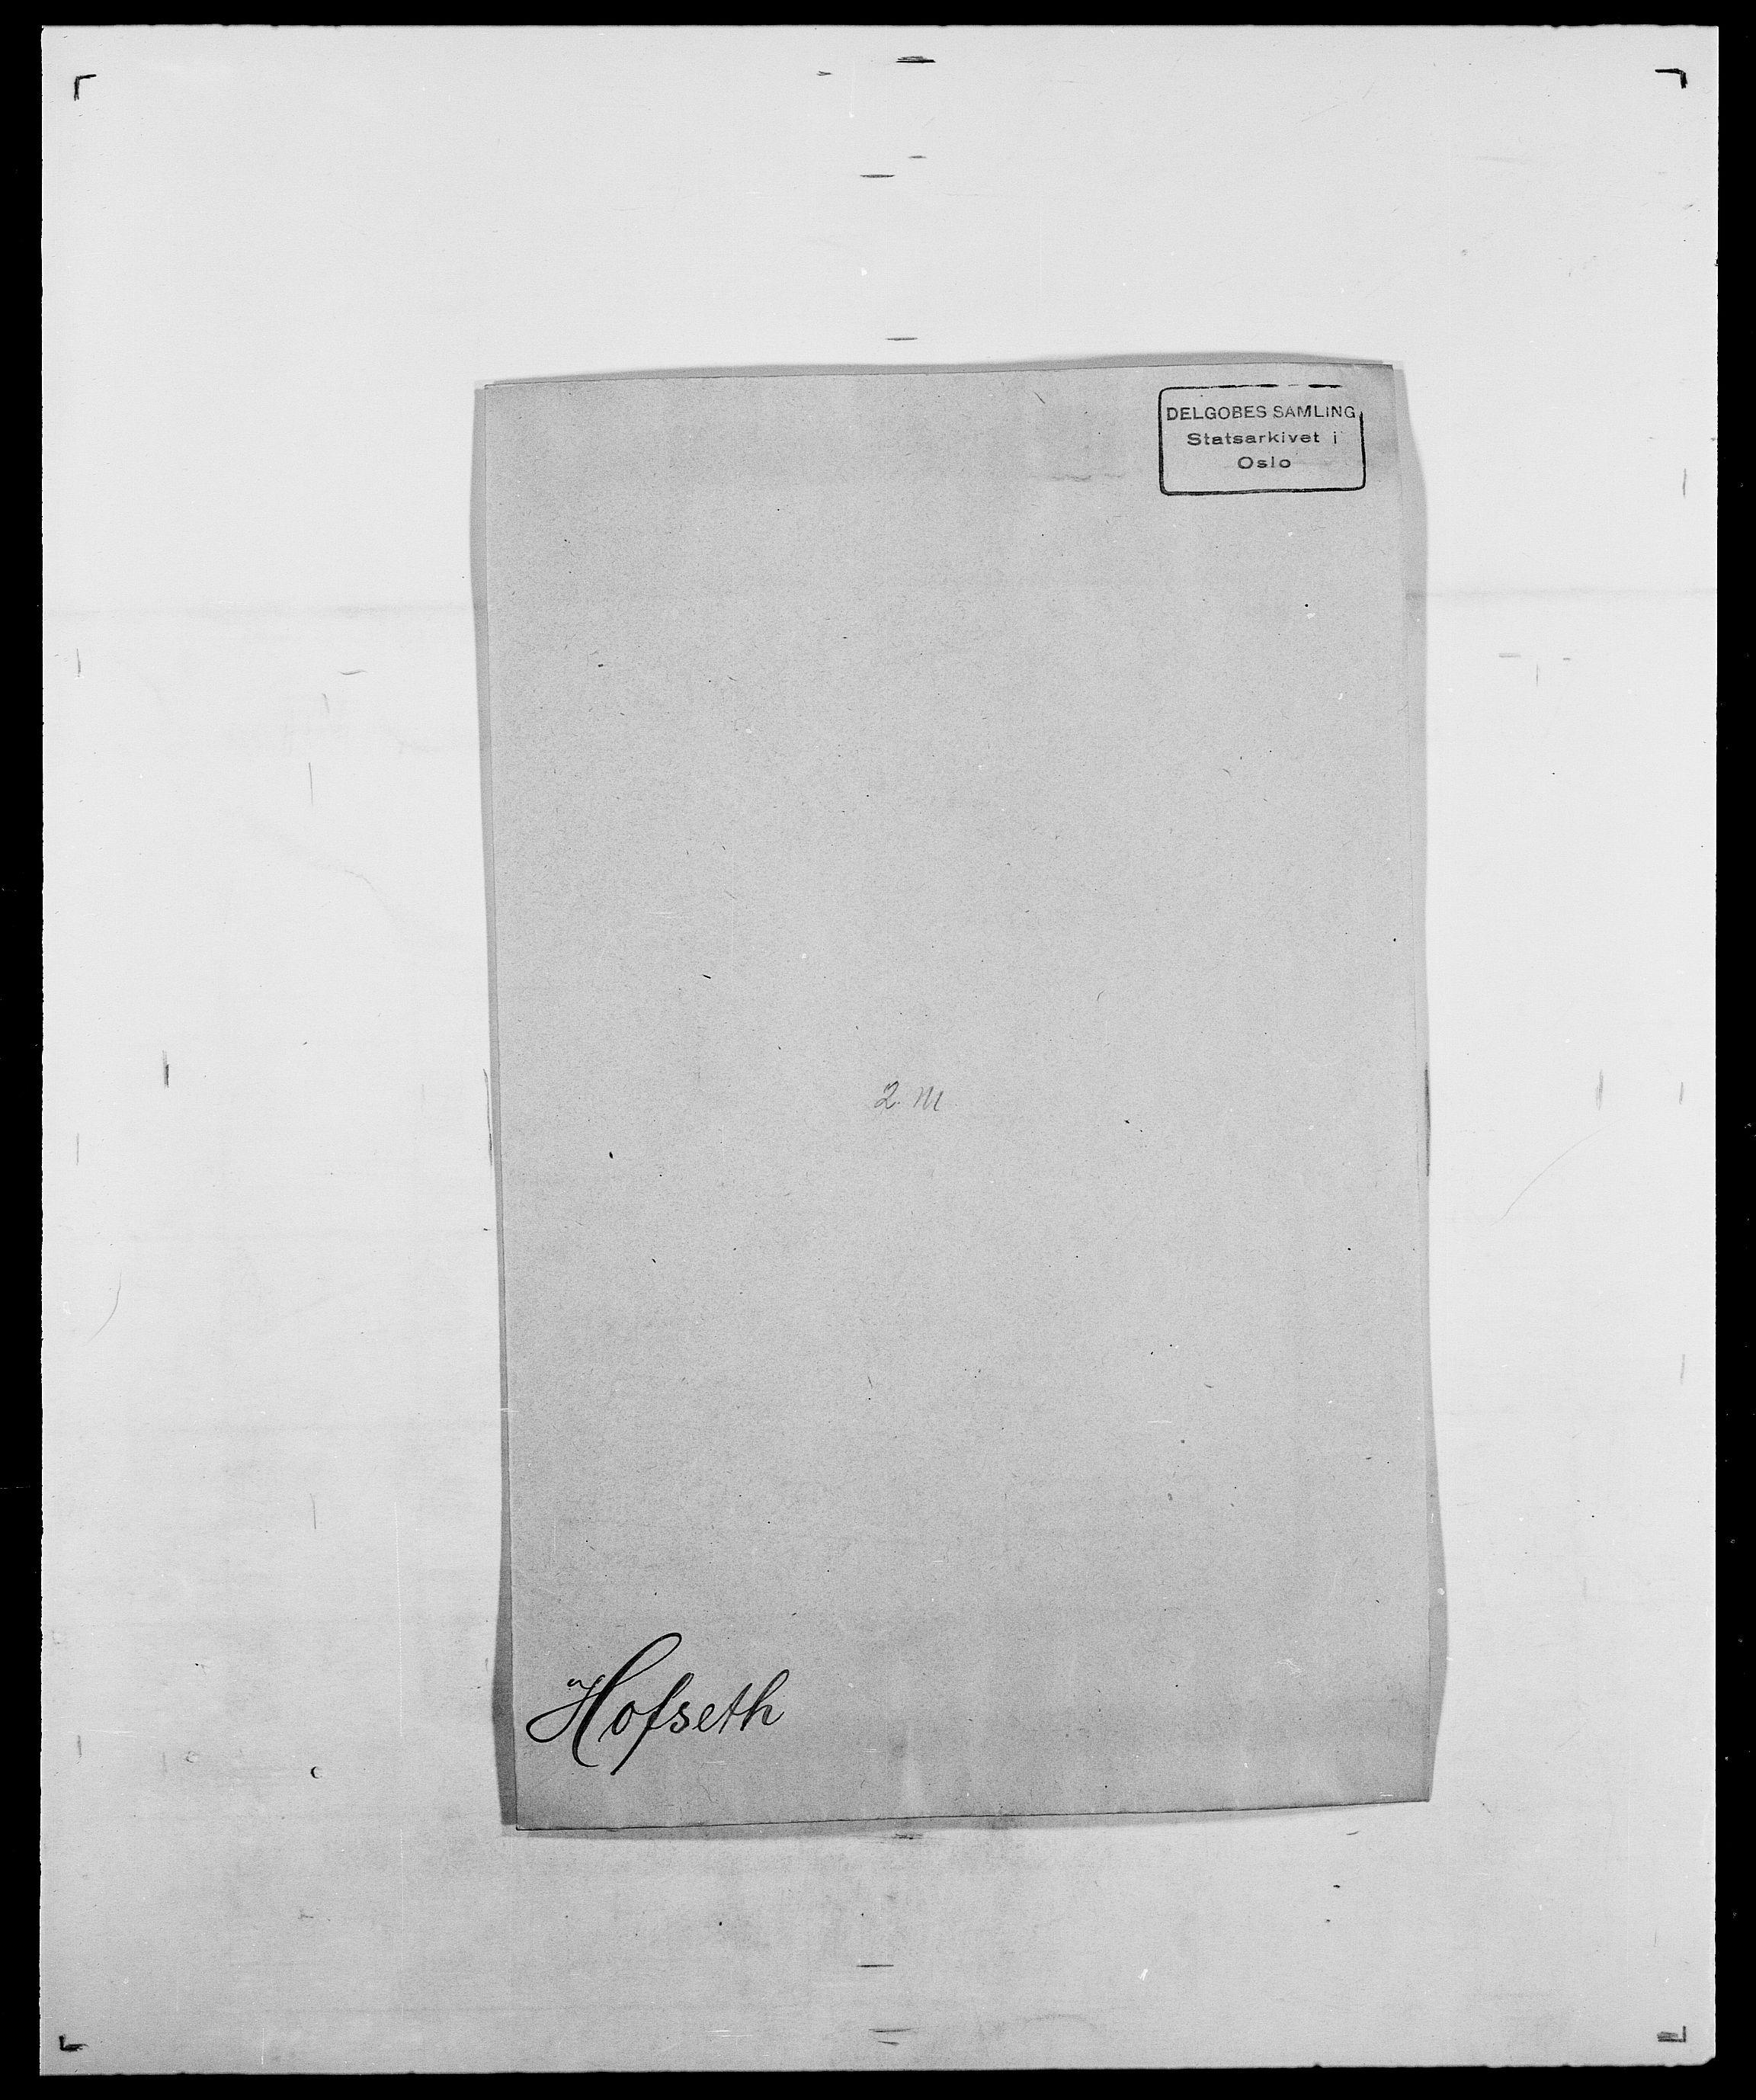 SAO, Delgobe, Charles Antoine - samling, D/Da/L0018: Hoch - Howert, s. 137